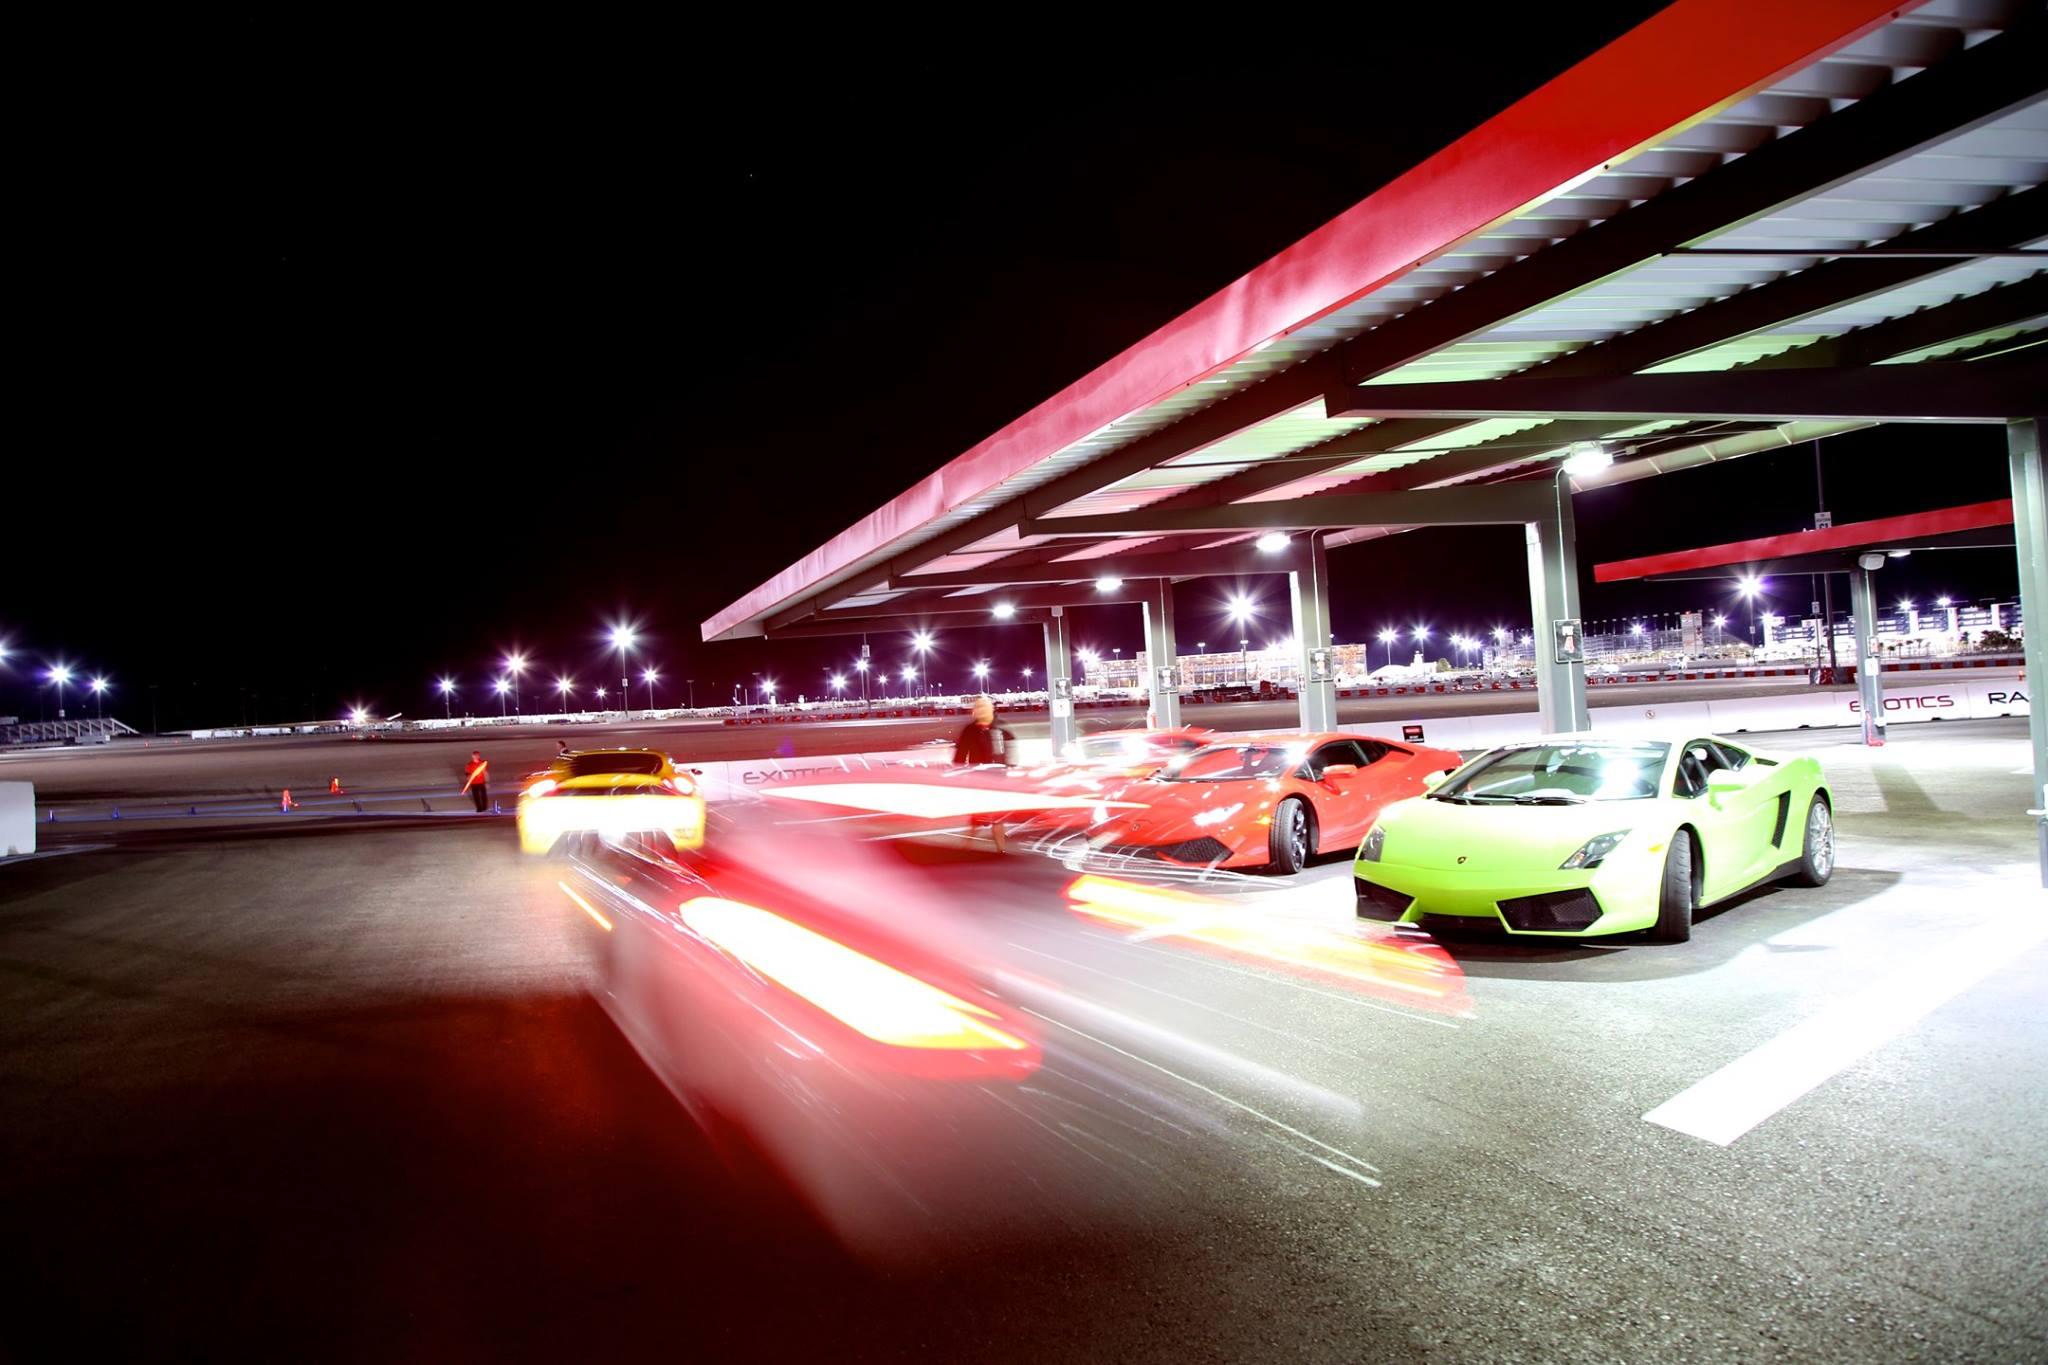 Pick a Car, Any Car @ Exotics Racing